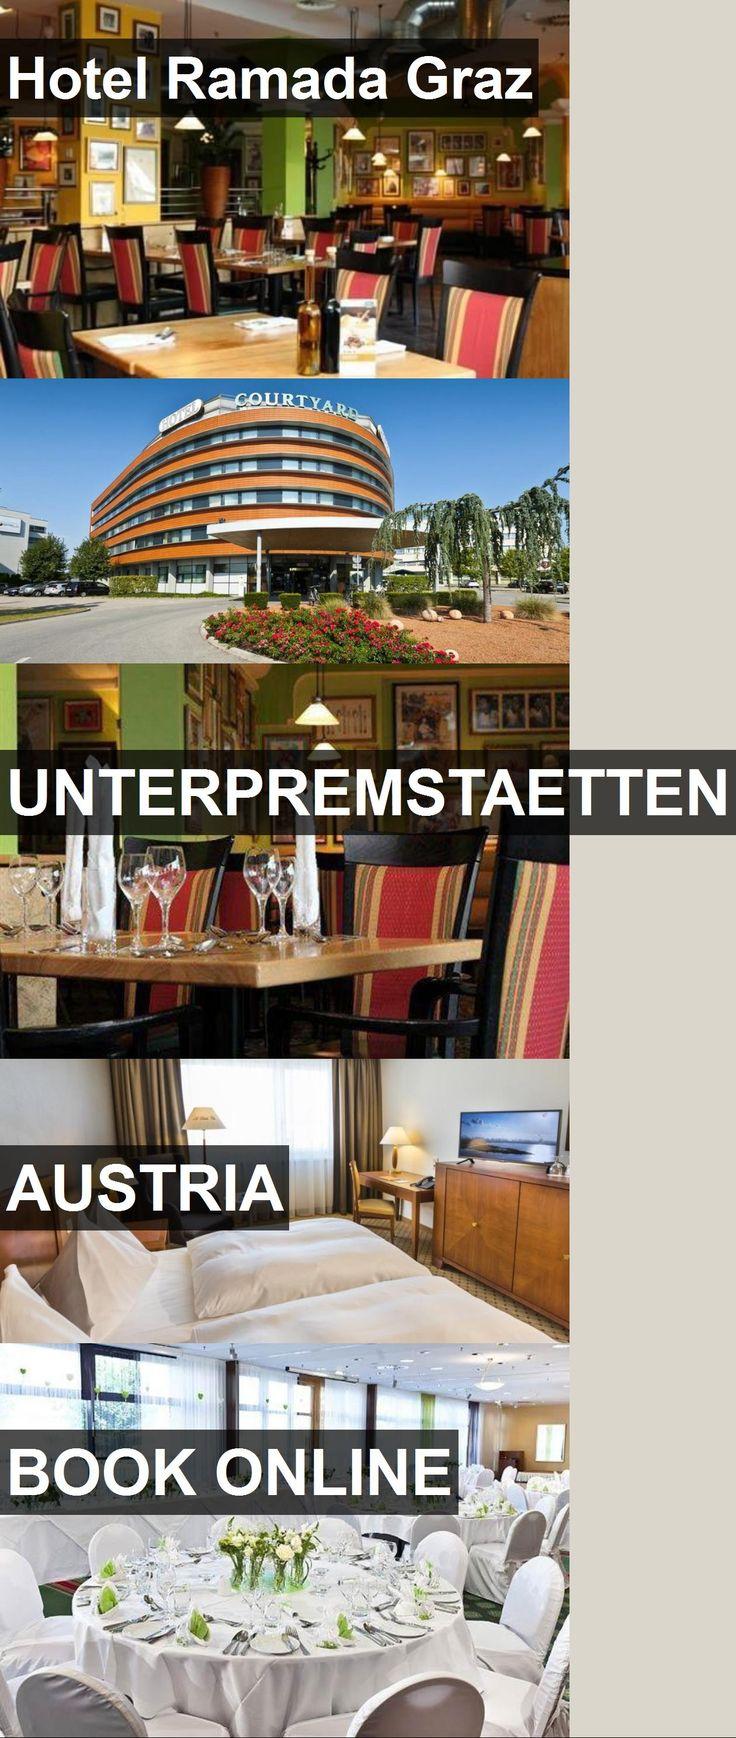 Hotel Ramada Graz in Unterpremstaetten, Austria. For more information, photos, reviews and best prices please follow the link. #Austria #Unterpremstaetten #travel #vacation #hotel